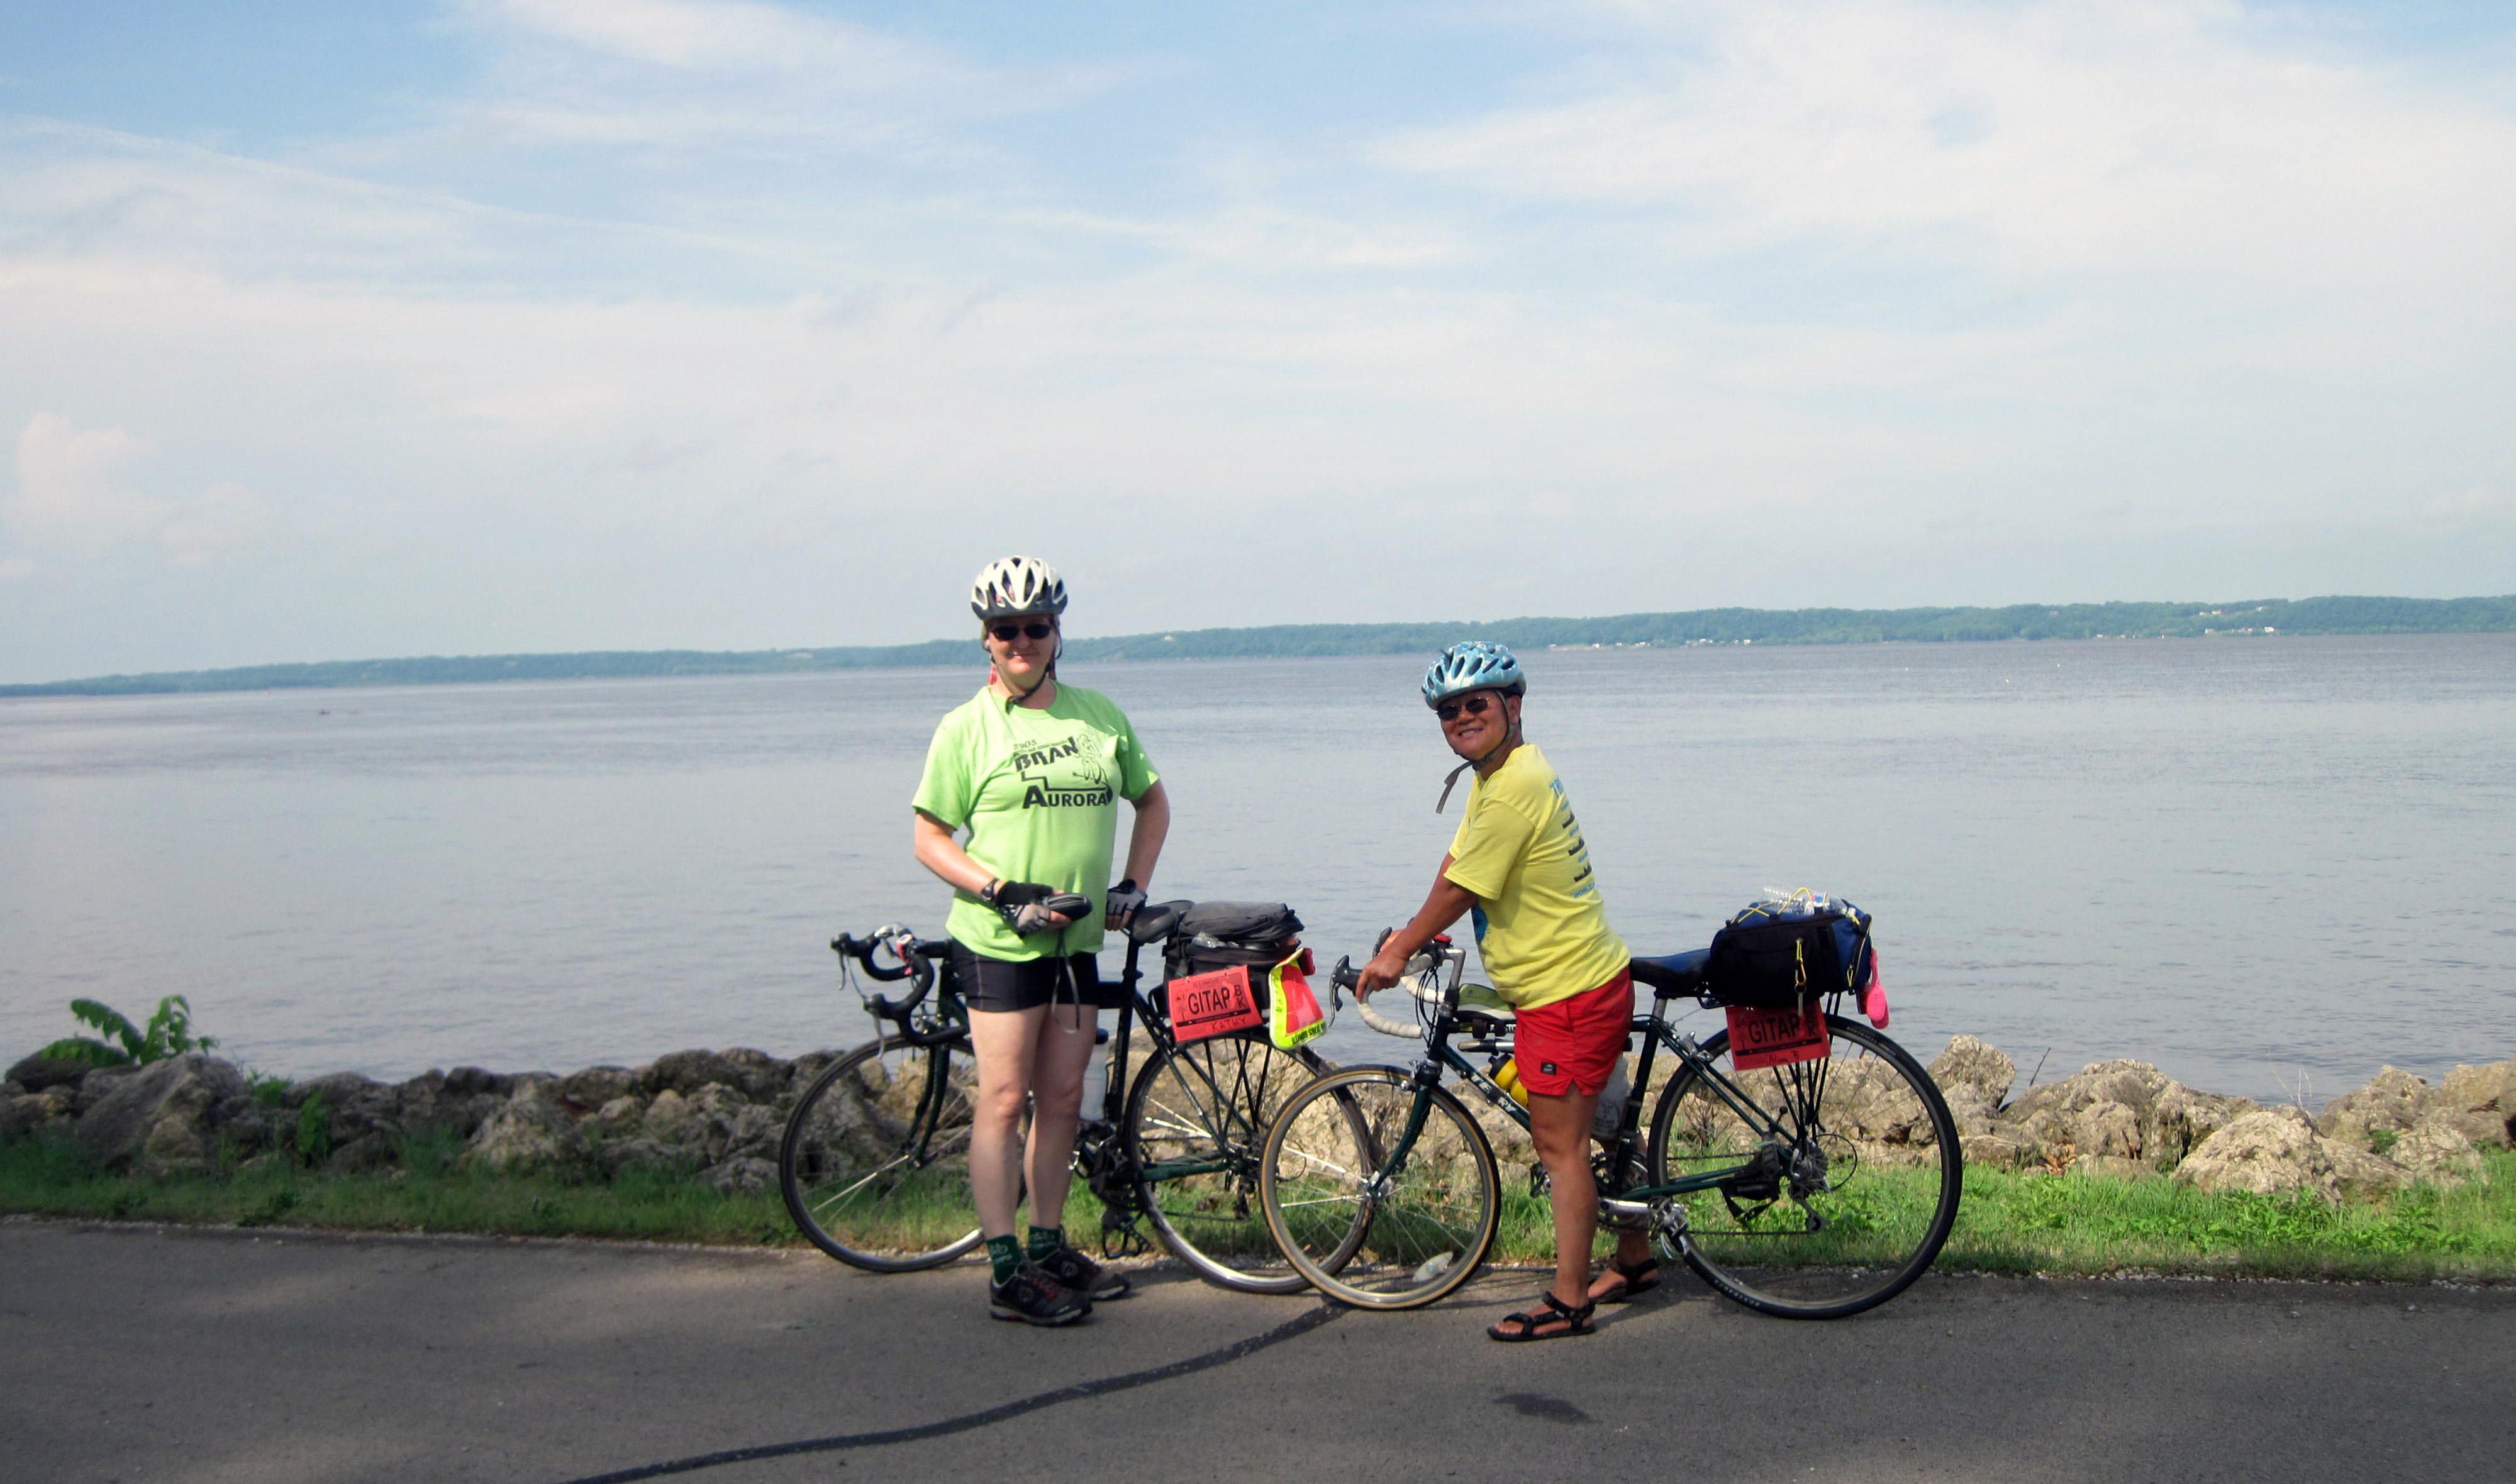 Mississippi River Trail Guide - Ride Illinois - Ride Illinois